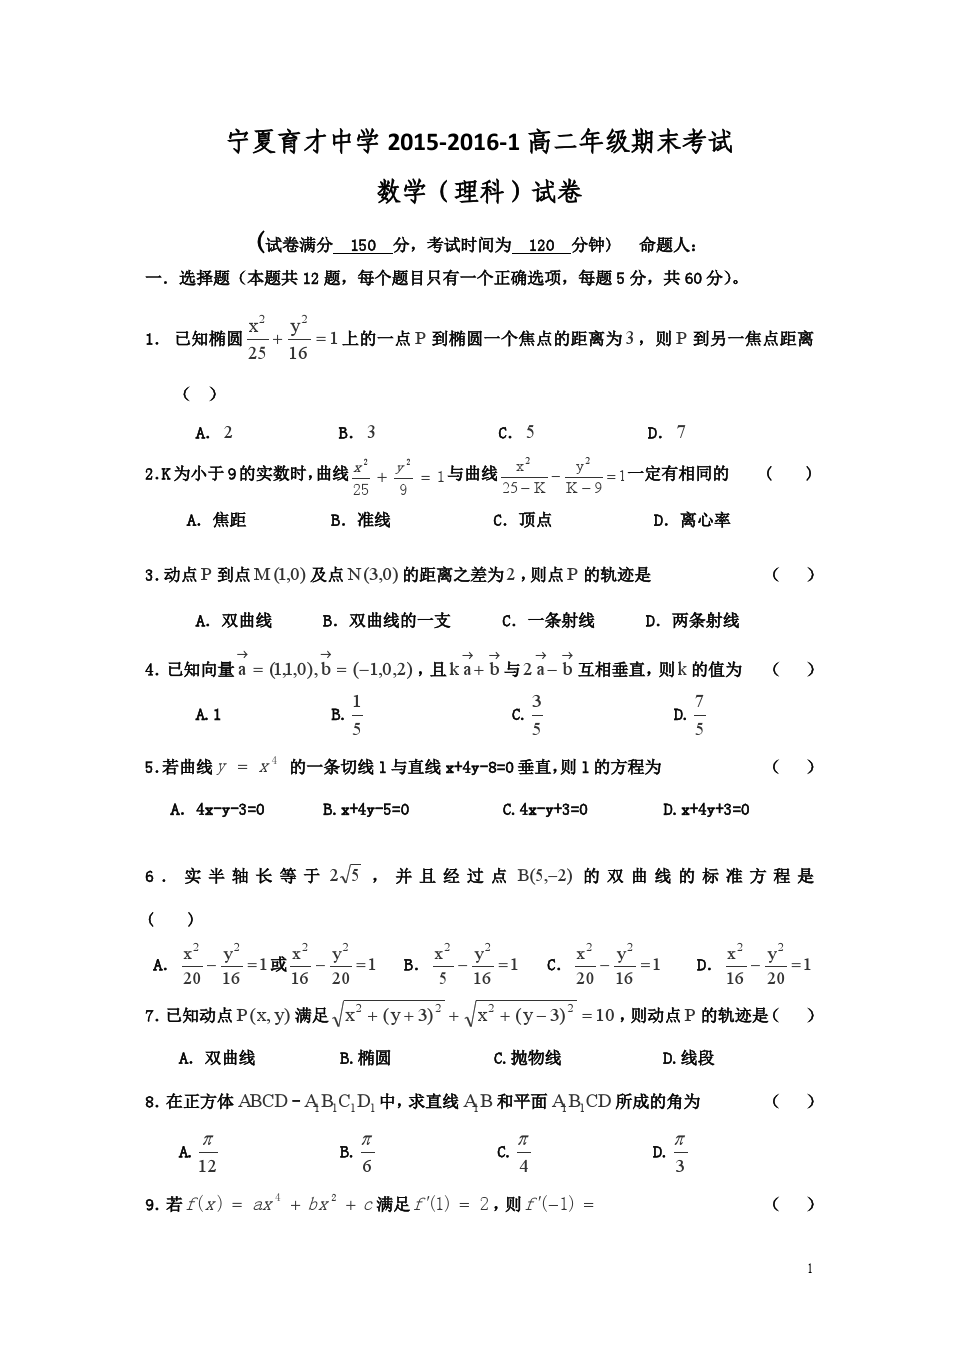 宁夏育才中学2015-2016学年高二上学期期末考试数学(理)试卷